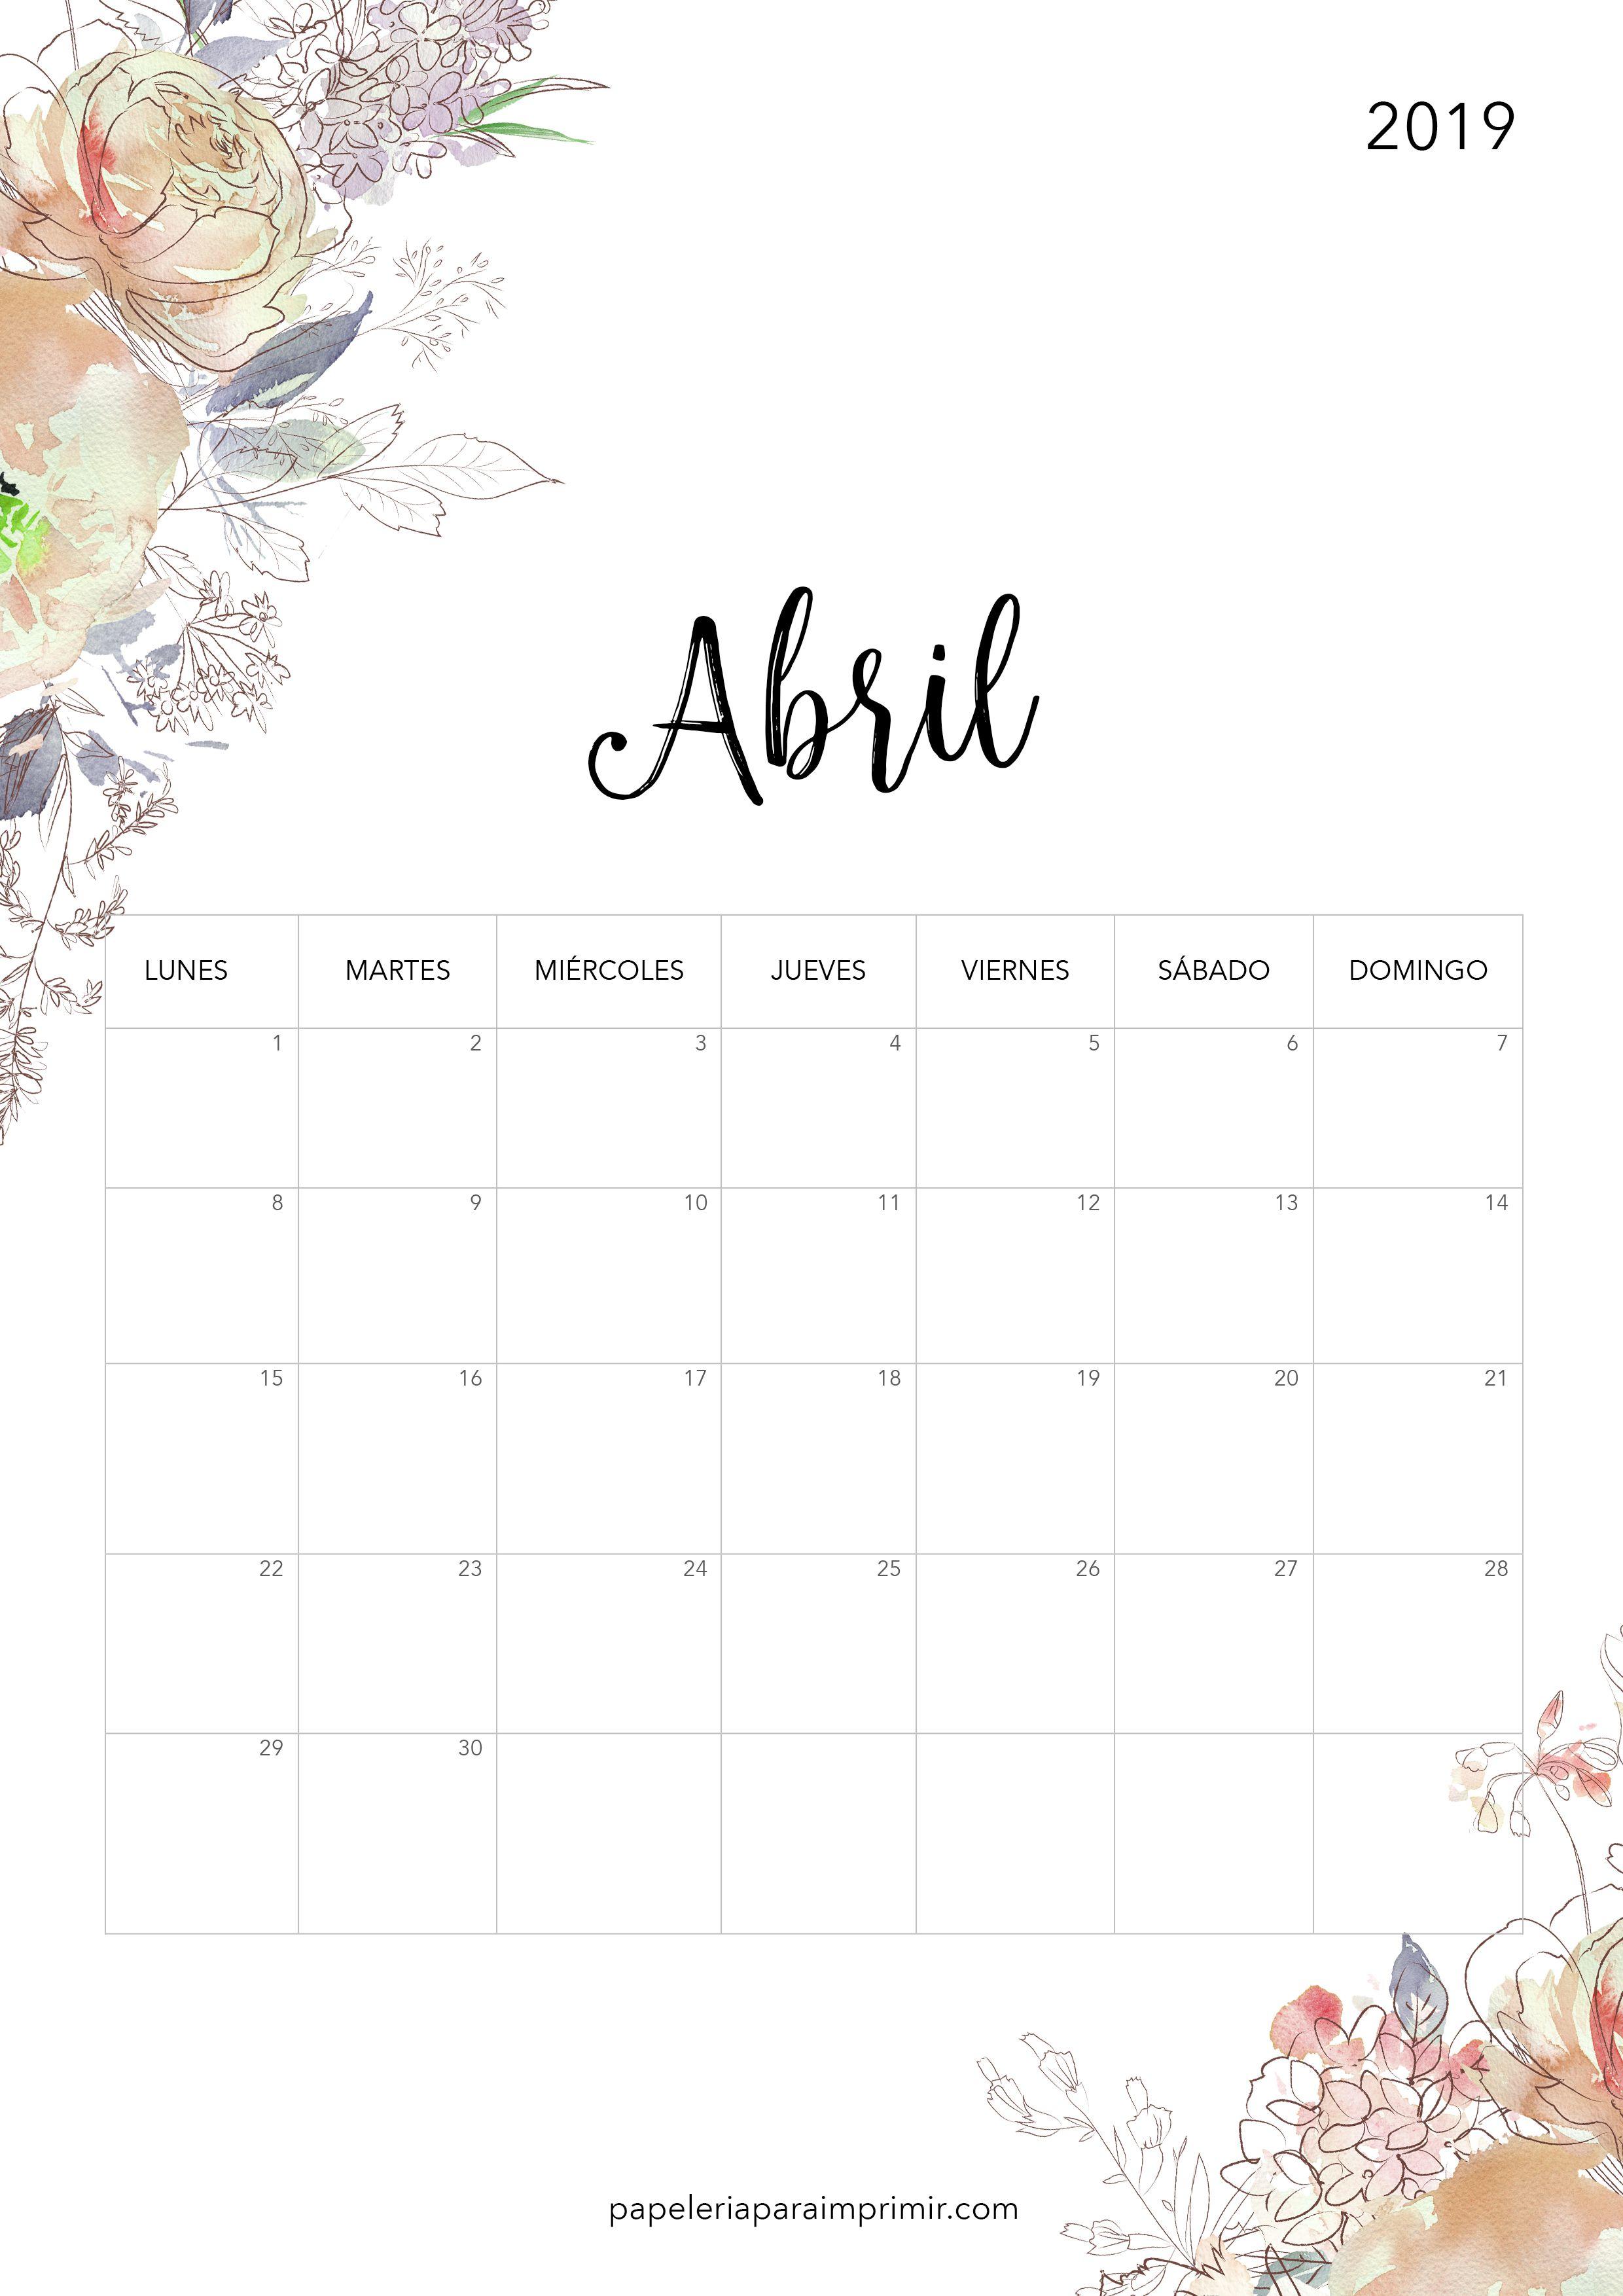 Calendario Imprimir Abril 2019.Calendario Para Imprimir 2019 Abril Calendario Imprimir